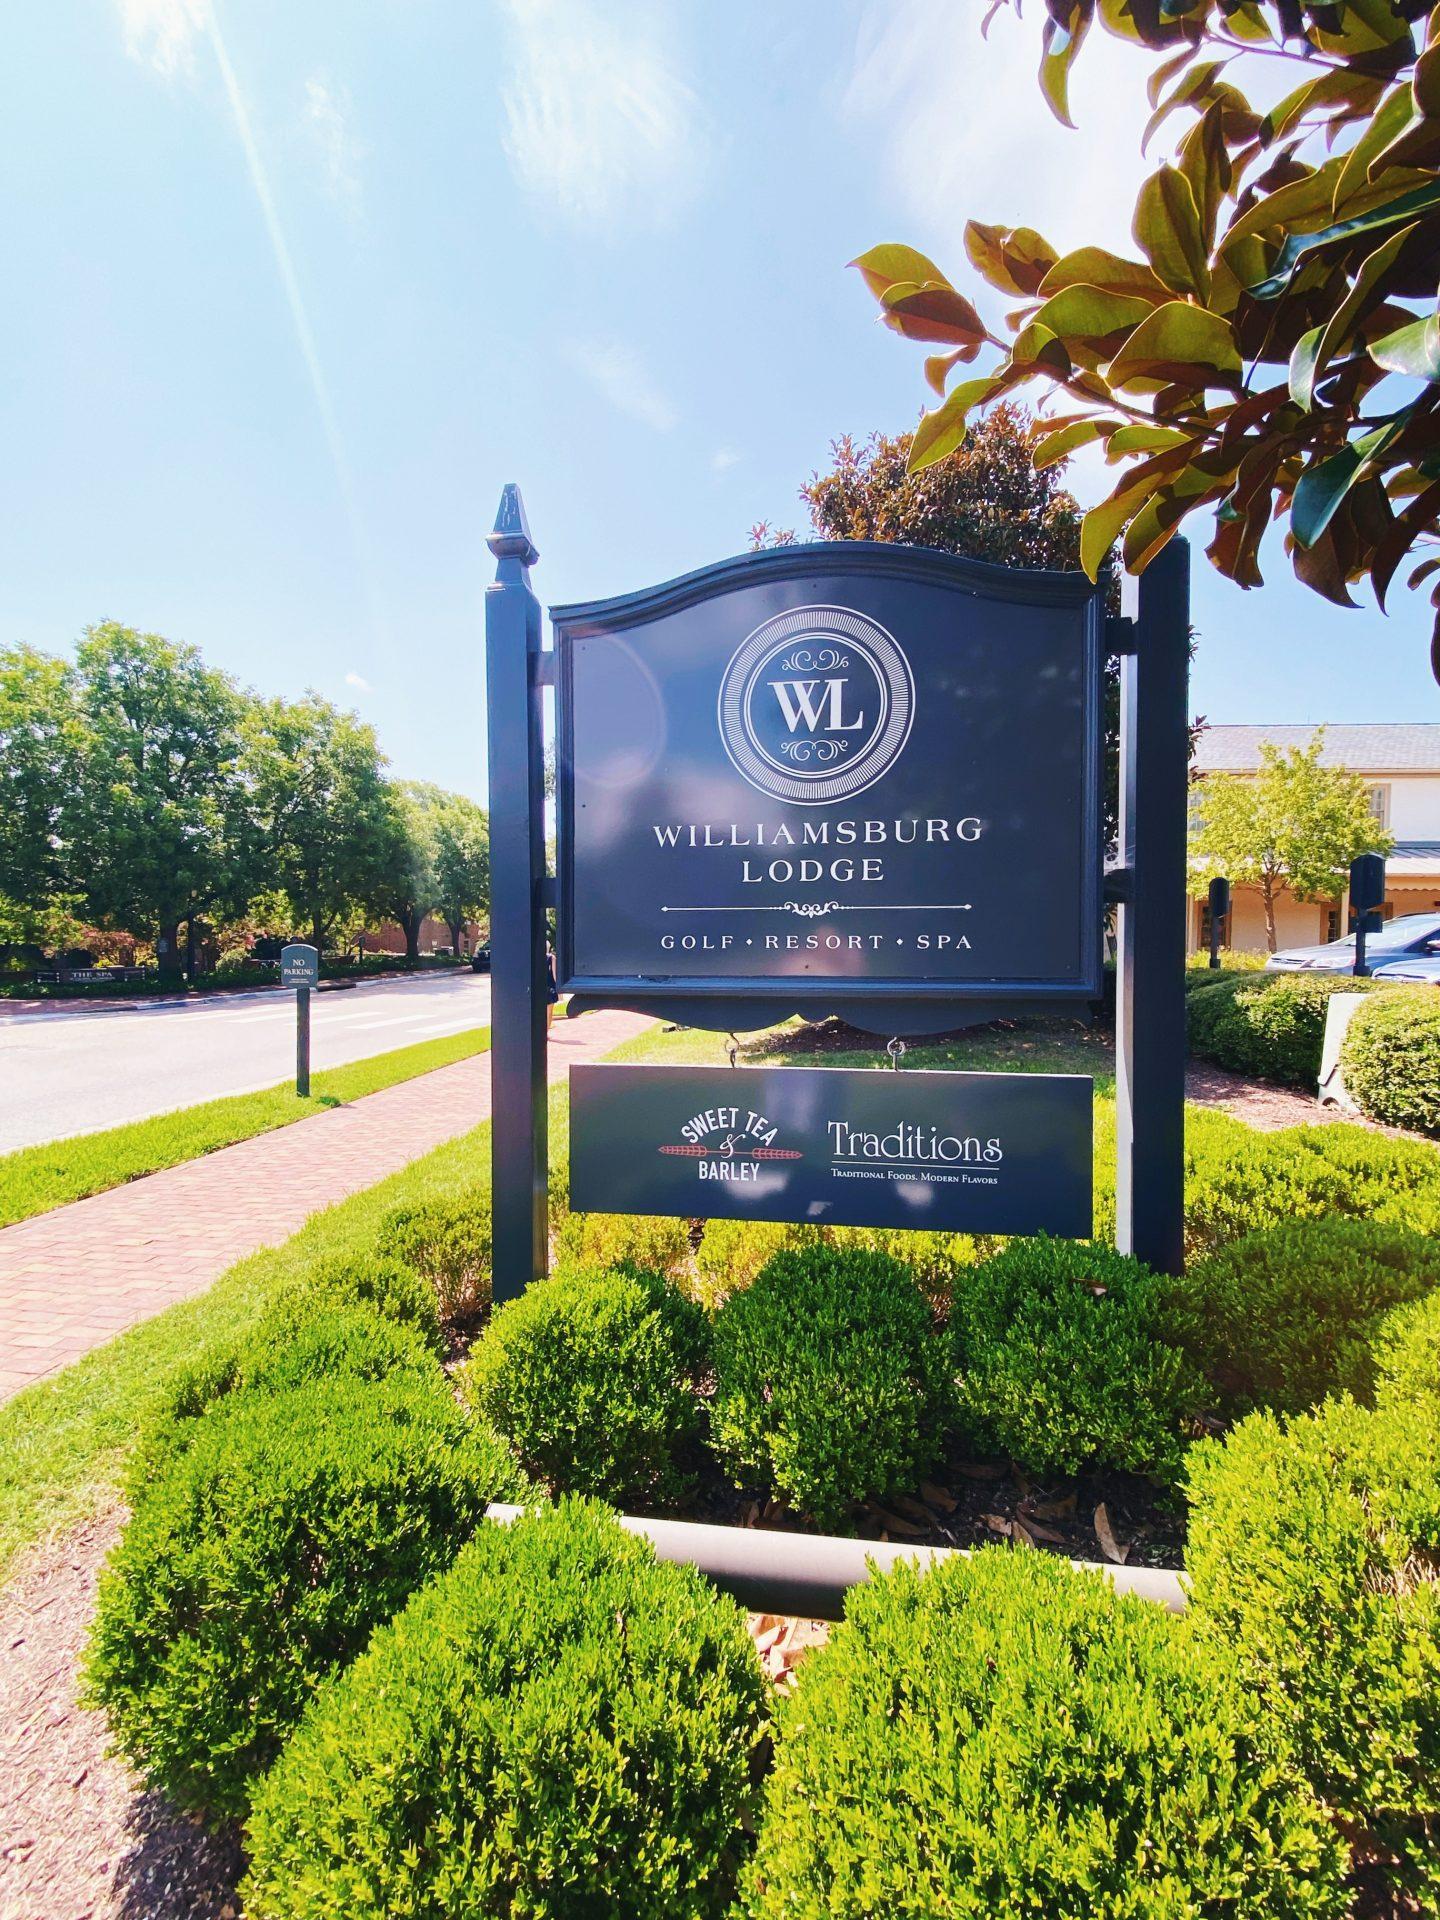 Williamsburg, VA trip itinerary